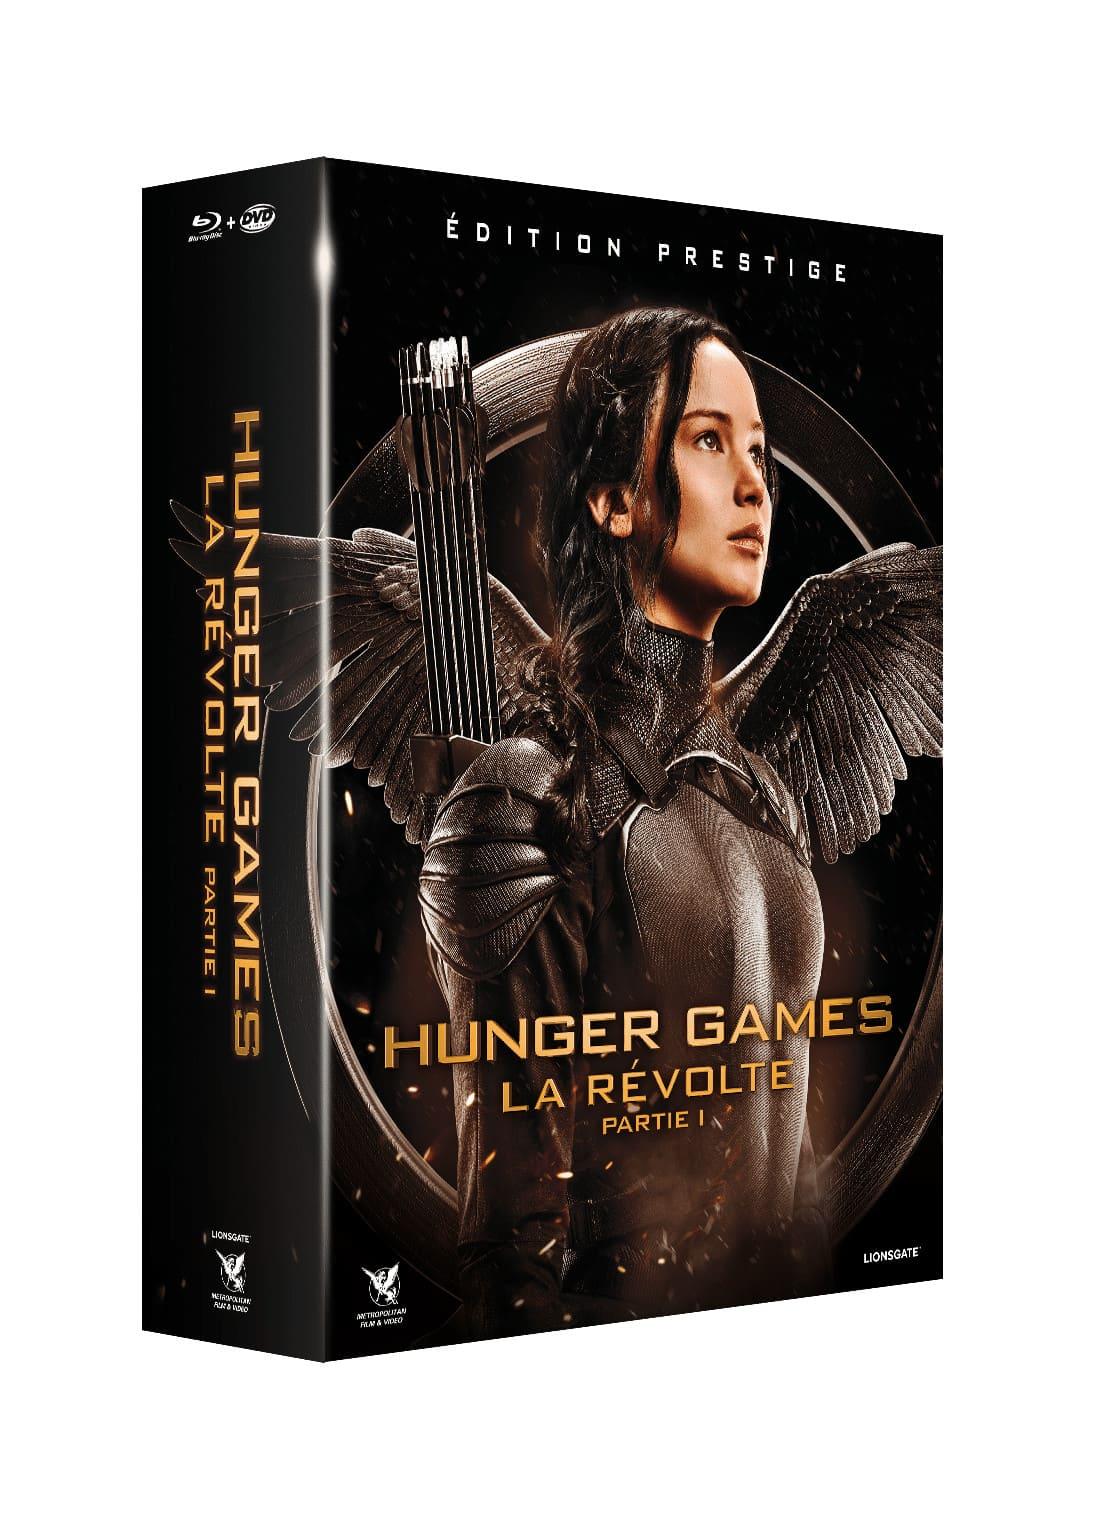 Miss Bobby_Hunger Games-La révolte-Partie 1-édition prestige